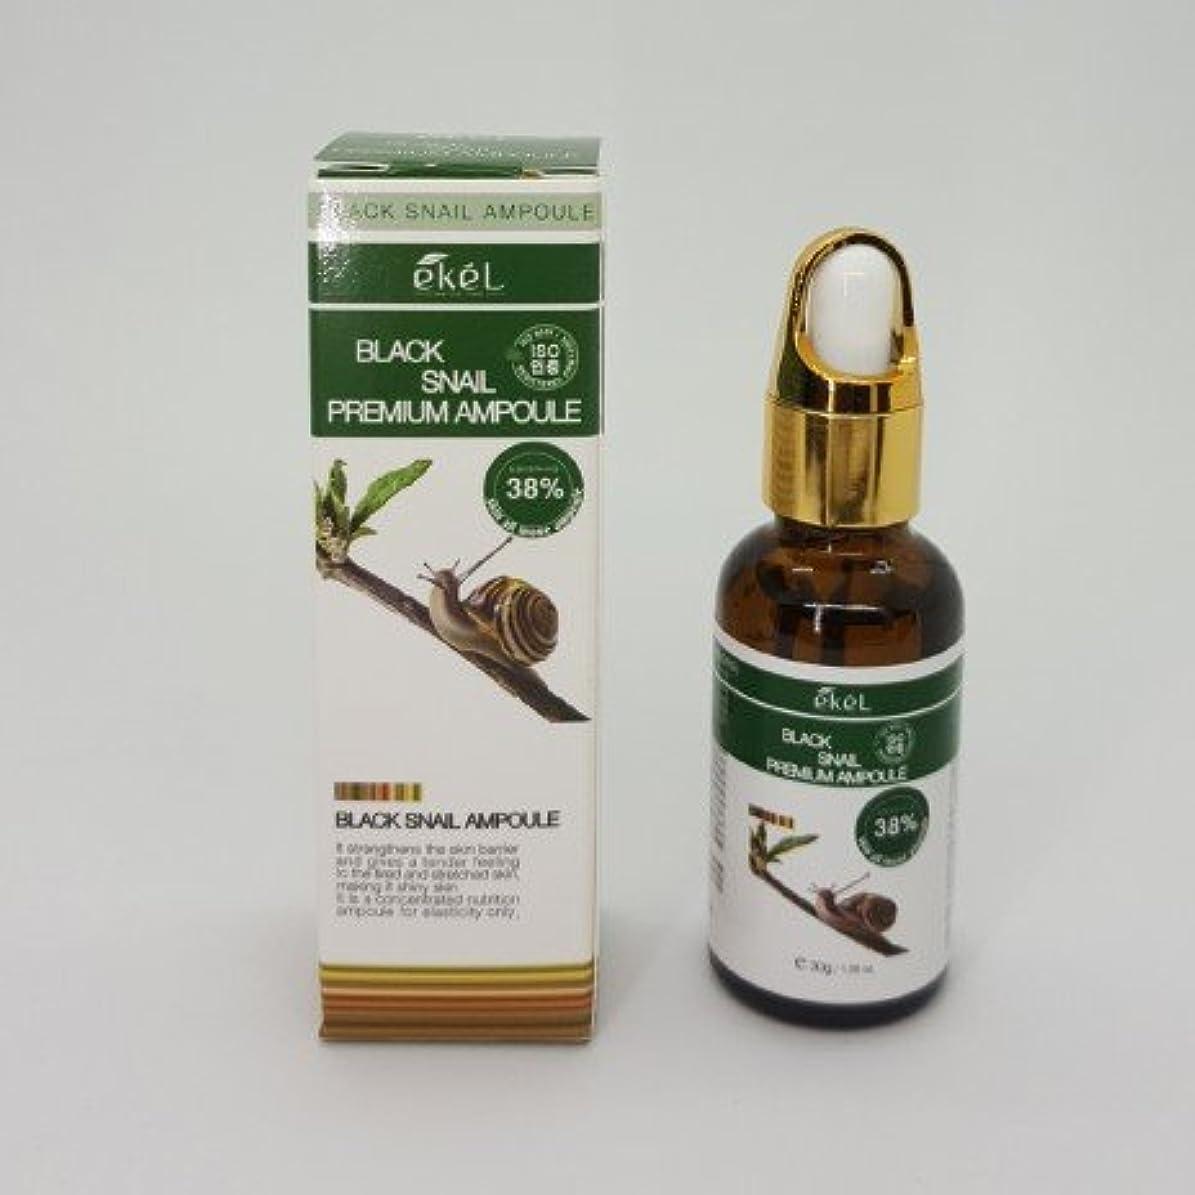 ソースペンフレンド[EKEL] Black Snail Premium Ampoule 38% - 30g